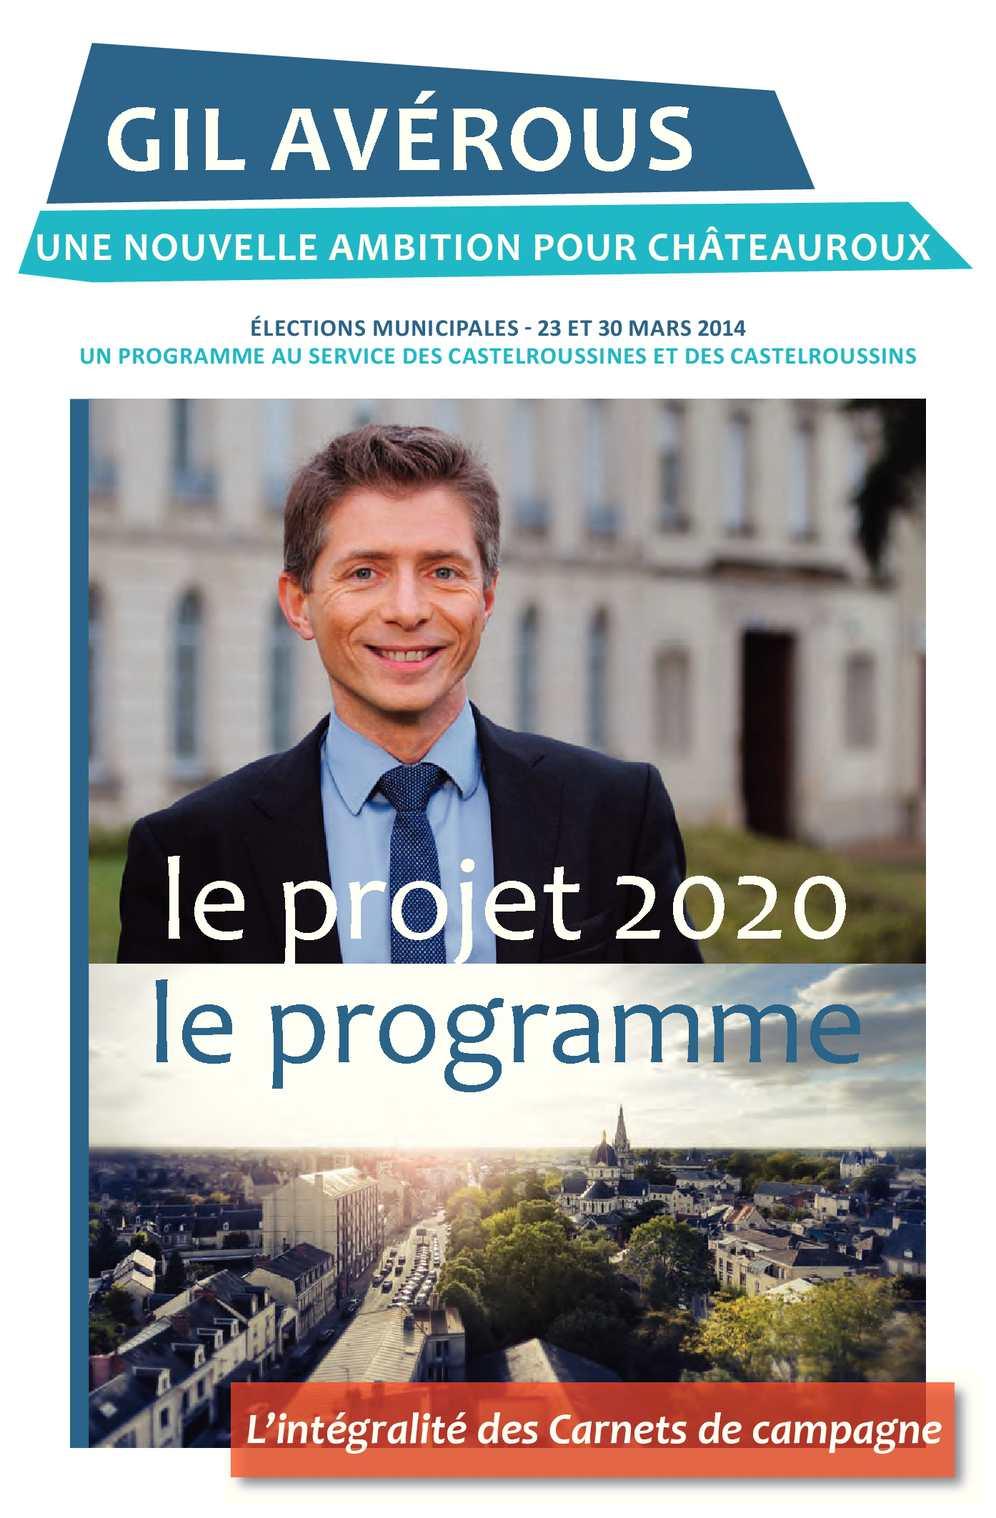 Le projet 2020, le programme de Gil Avérous